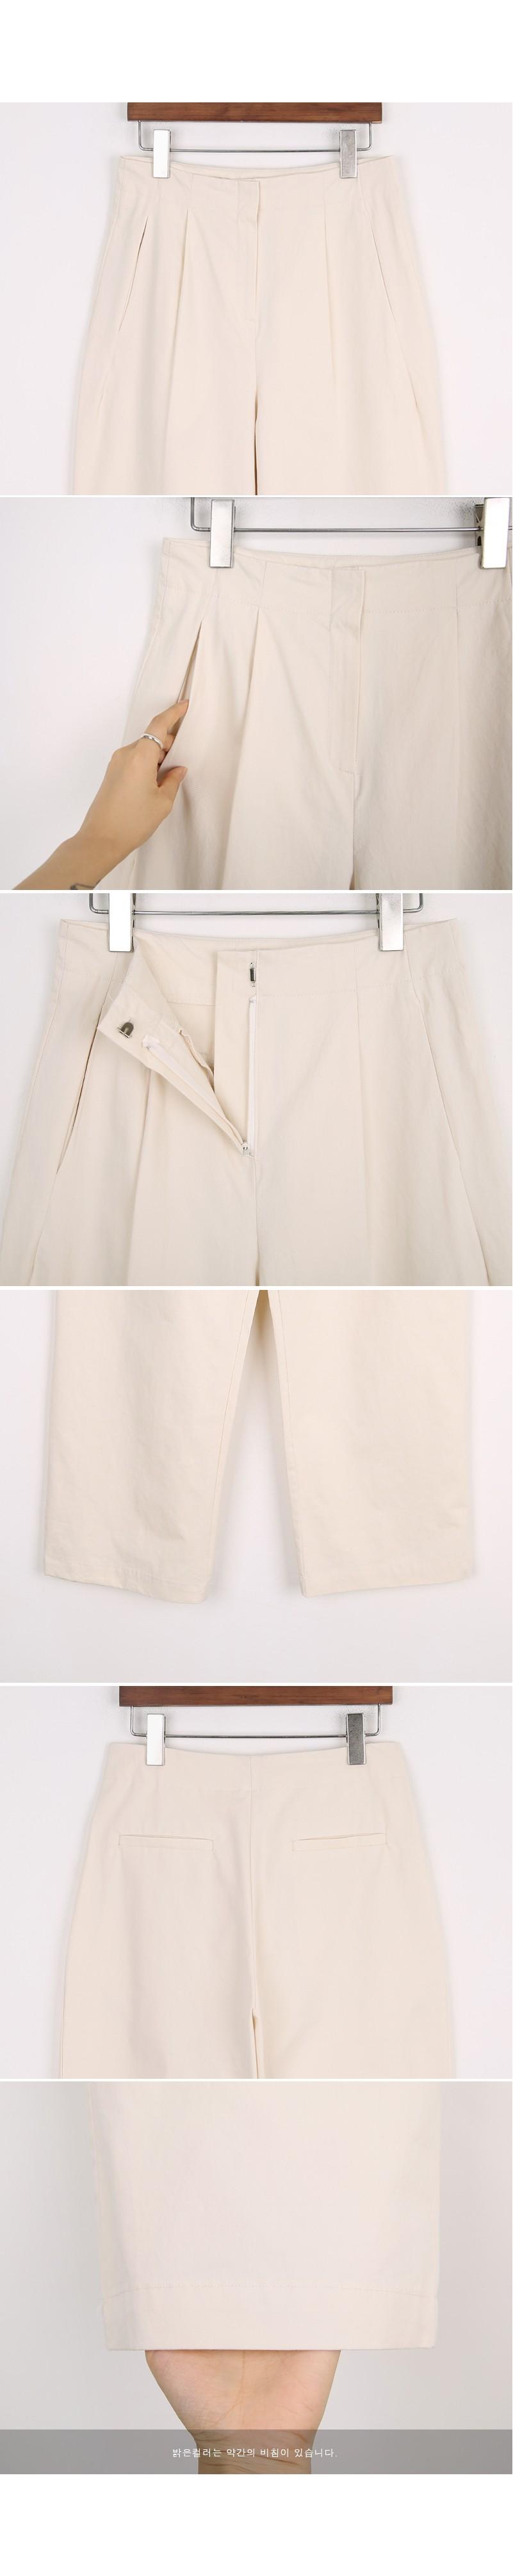 Shoreditch cotton pants